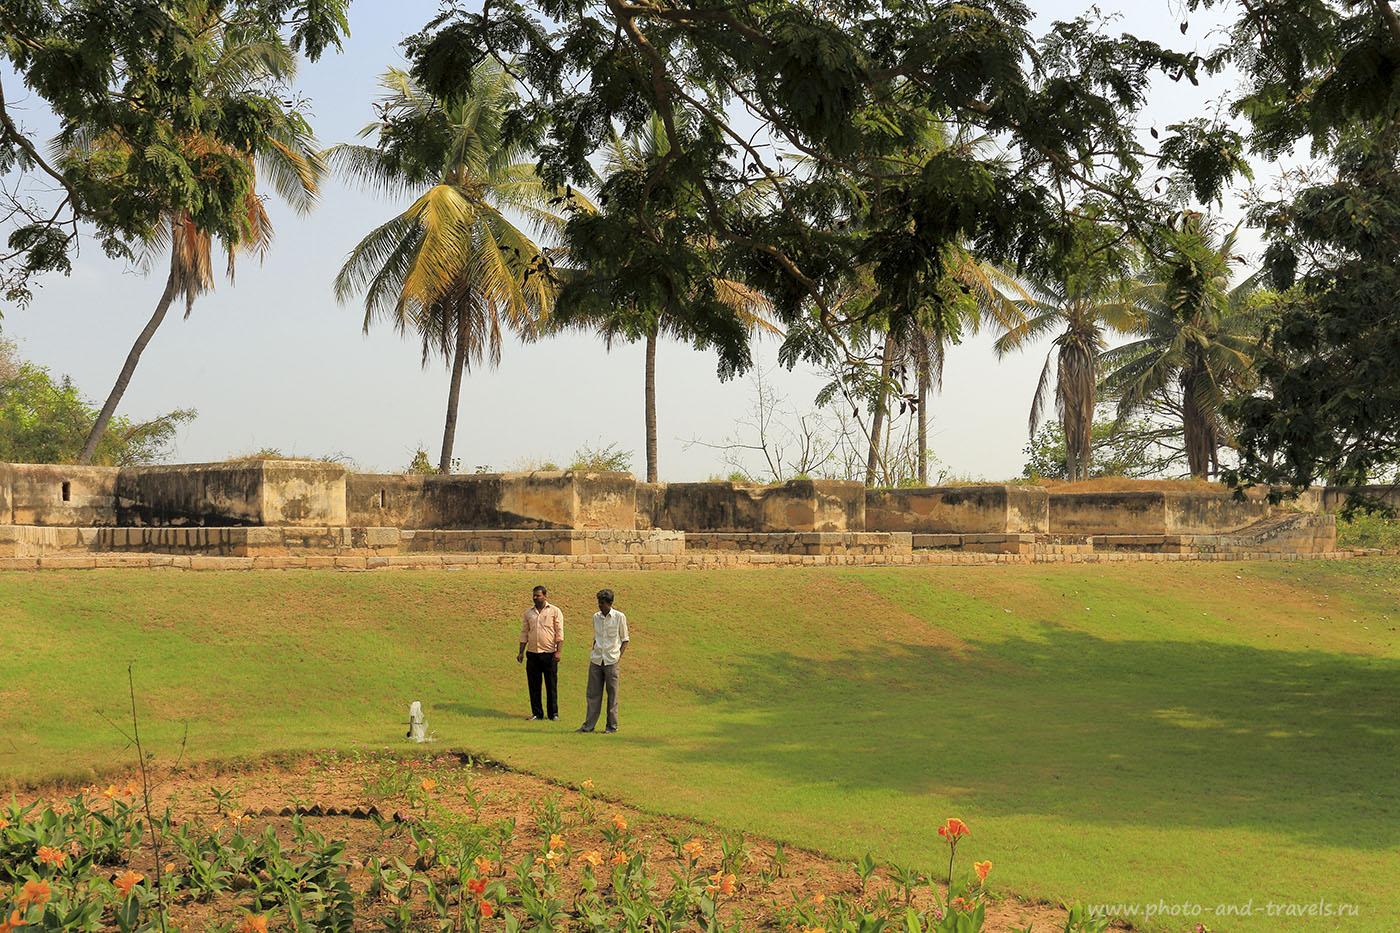 Фотография 8. Крепостная стена в городе Шрирангапатнам в Карнатаке. Отдых в Индии. 1/30, 14.0, 100, 32